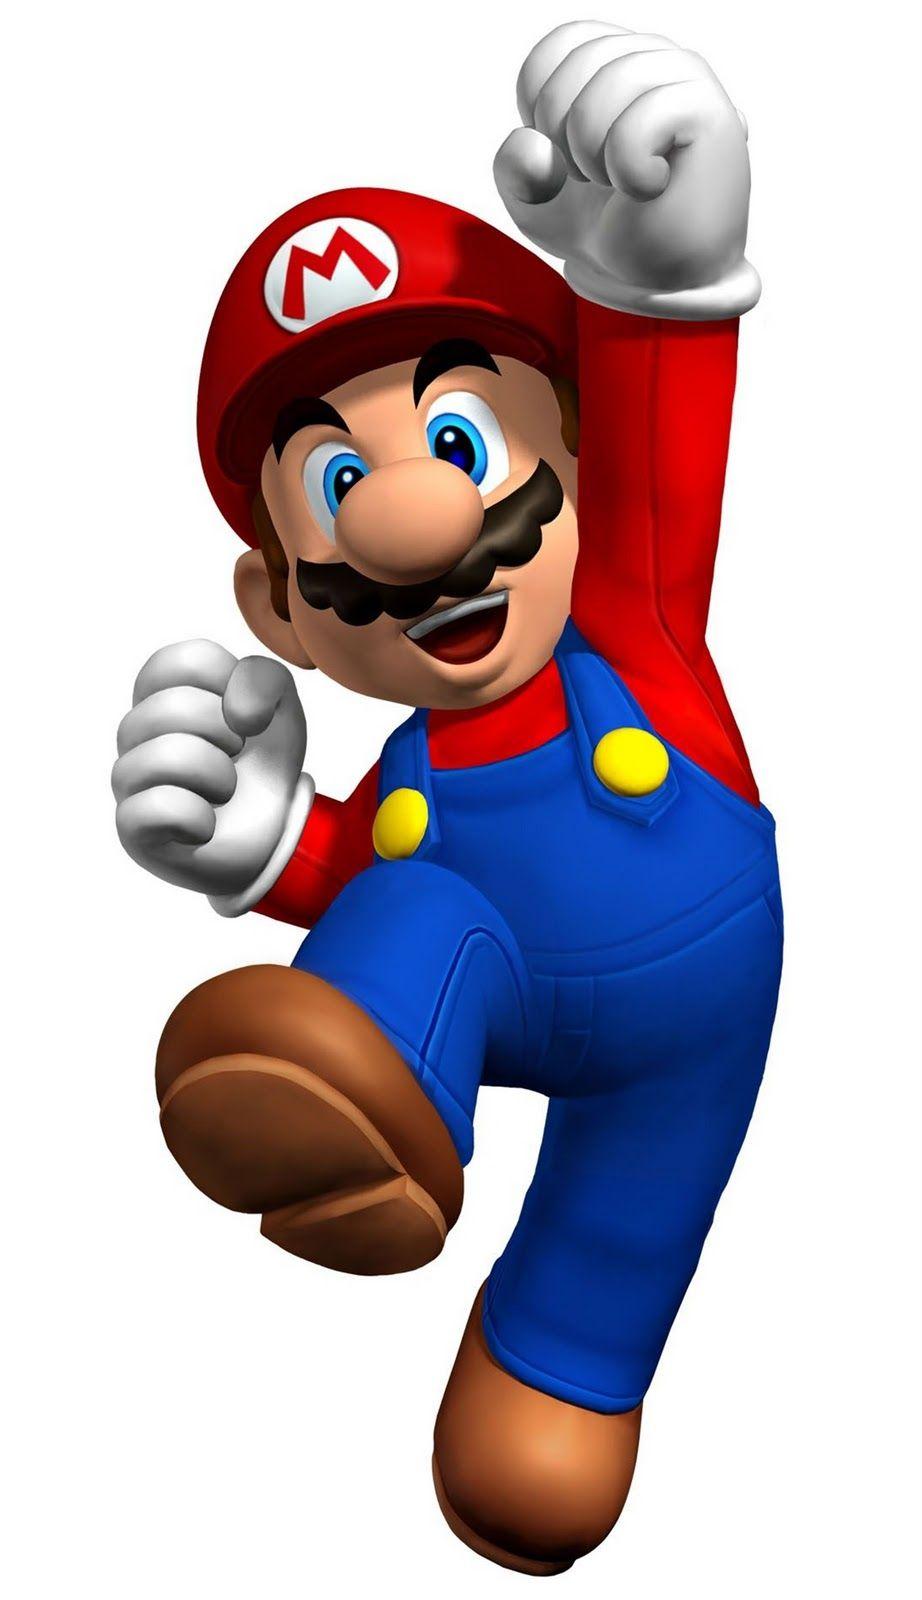 Los Juegos De Mario Bros El Personaje Mas Exitoso De Nintendo